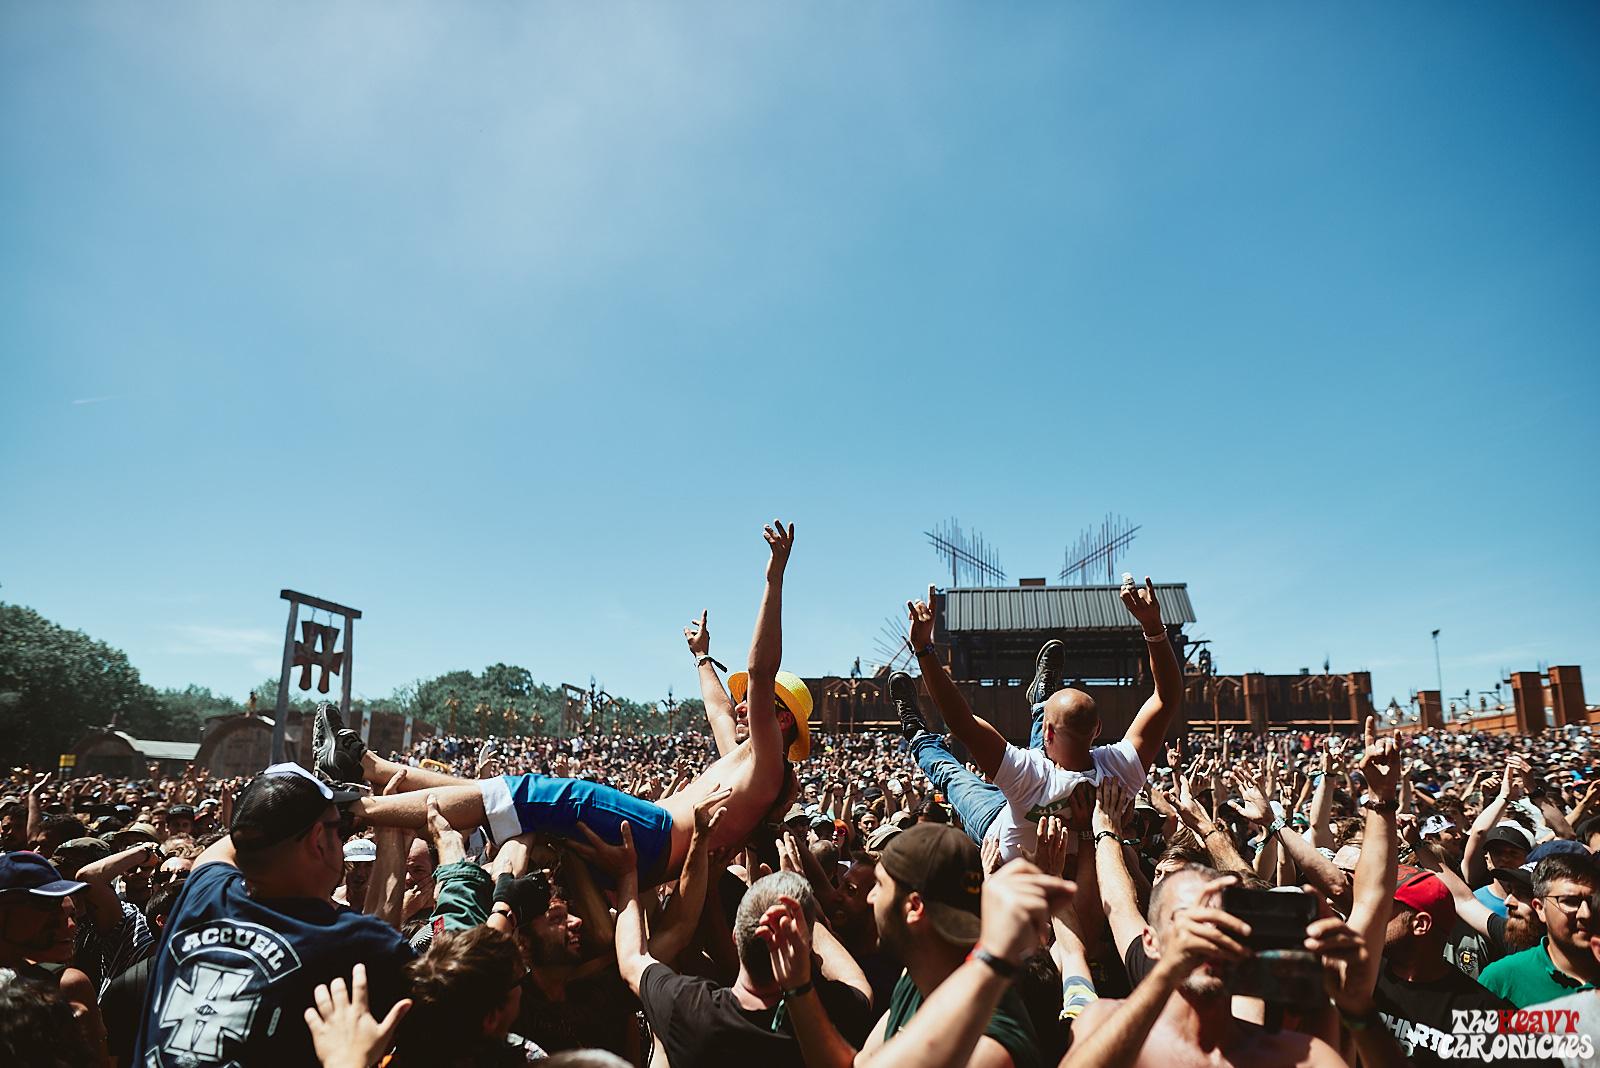 turnstile-Hellfest-2018 8